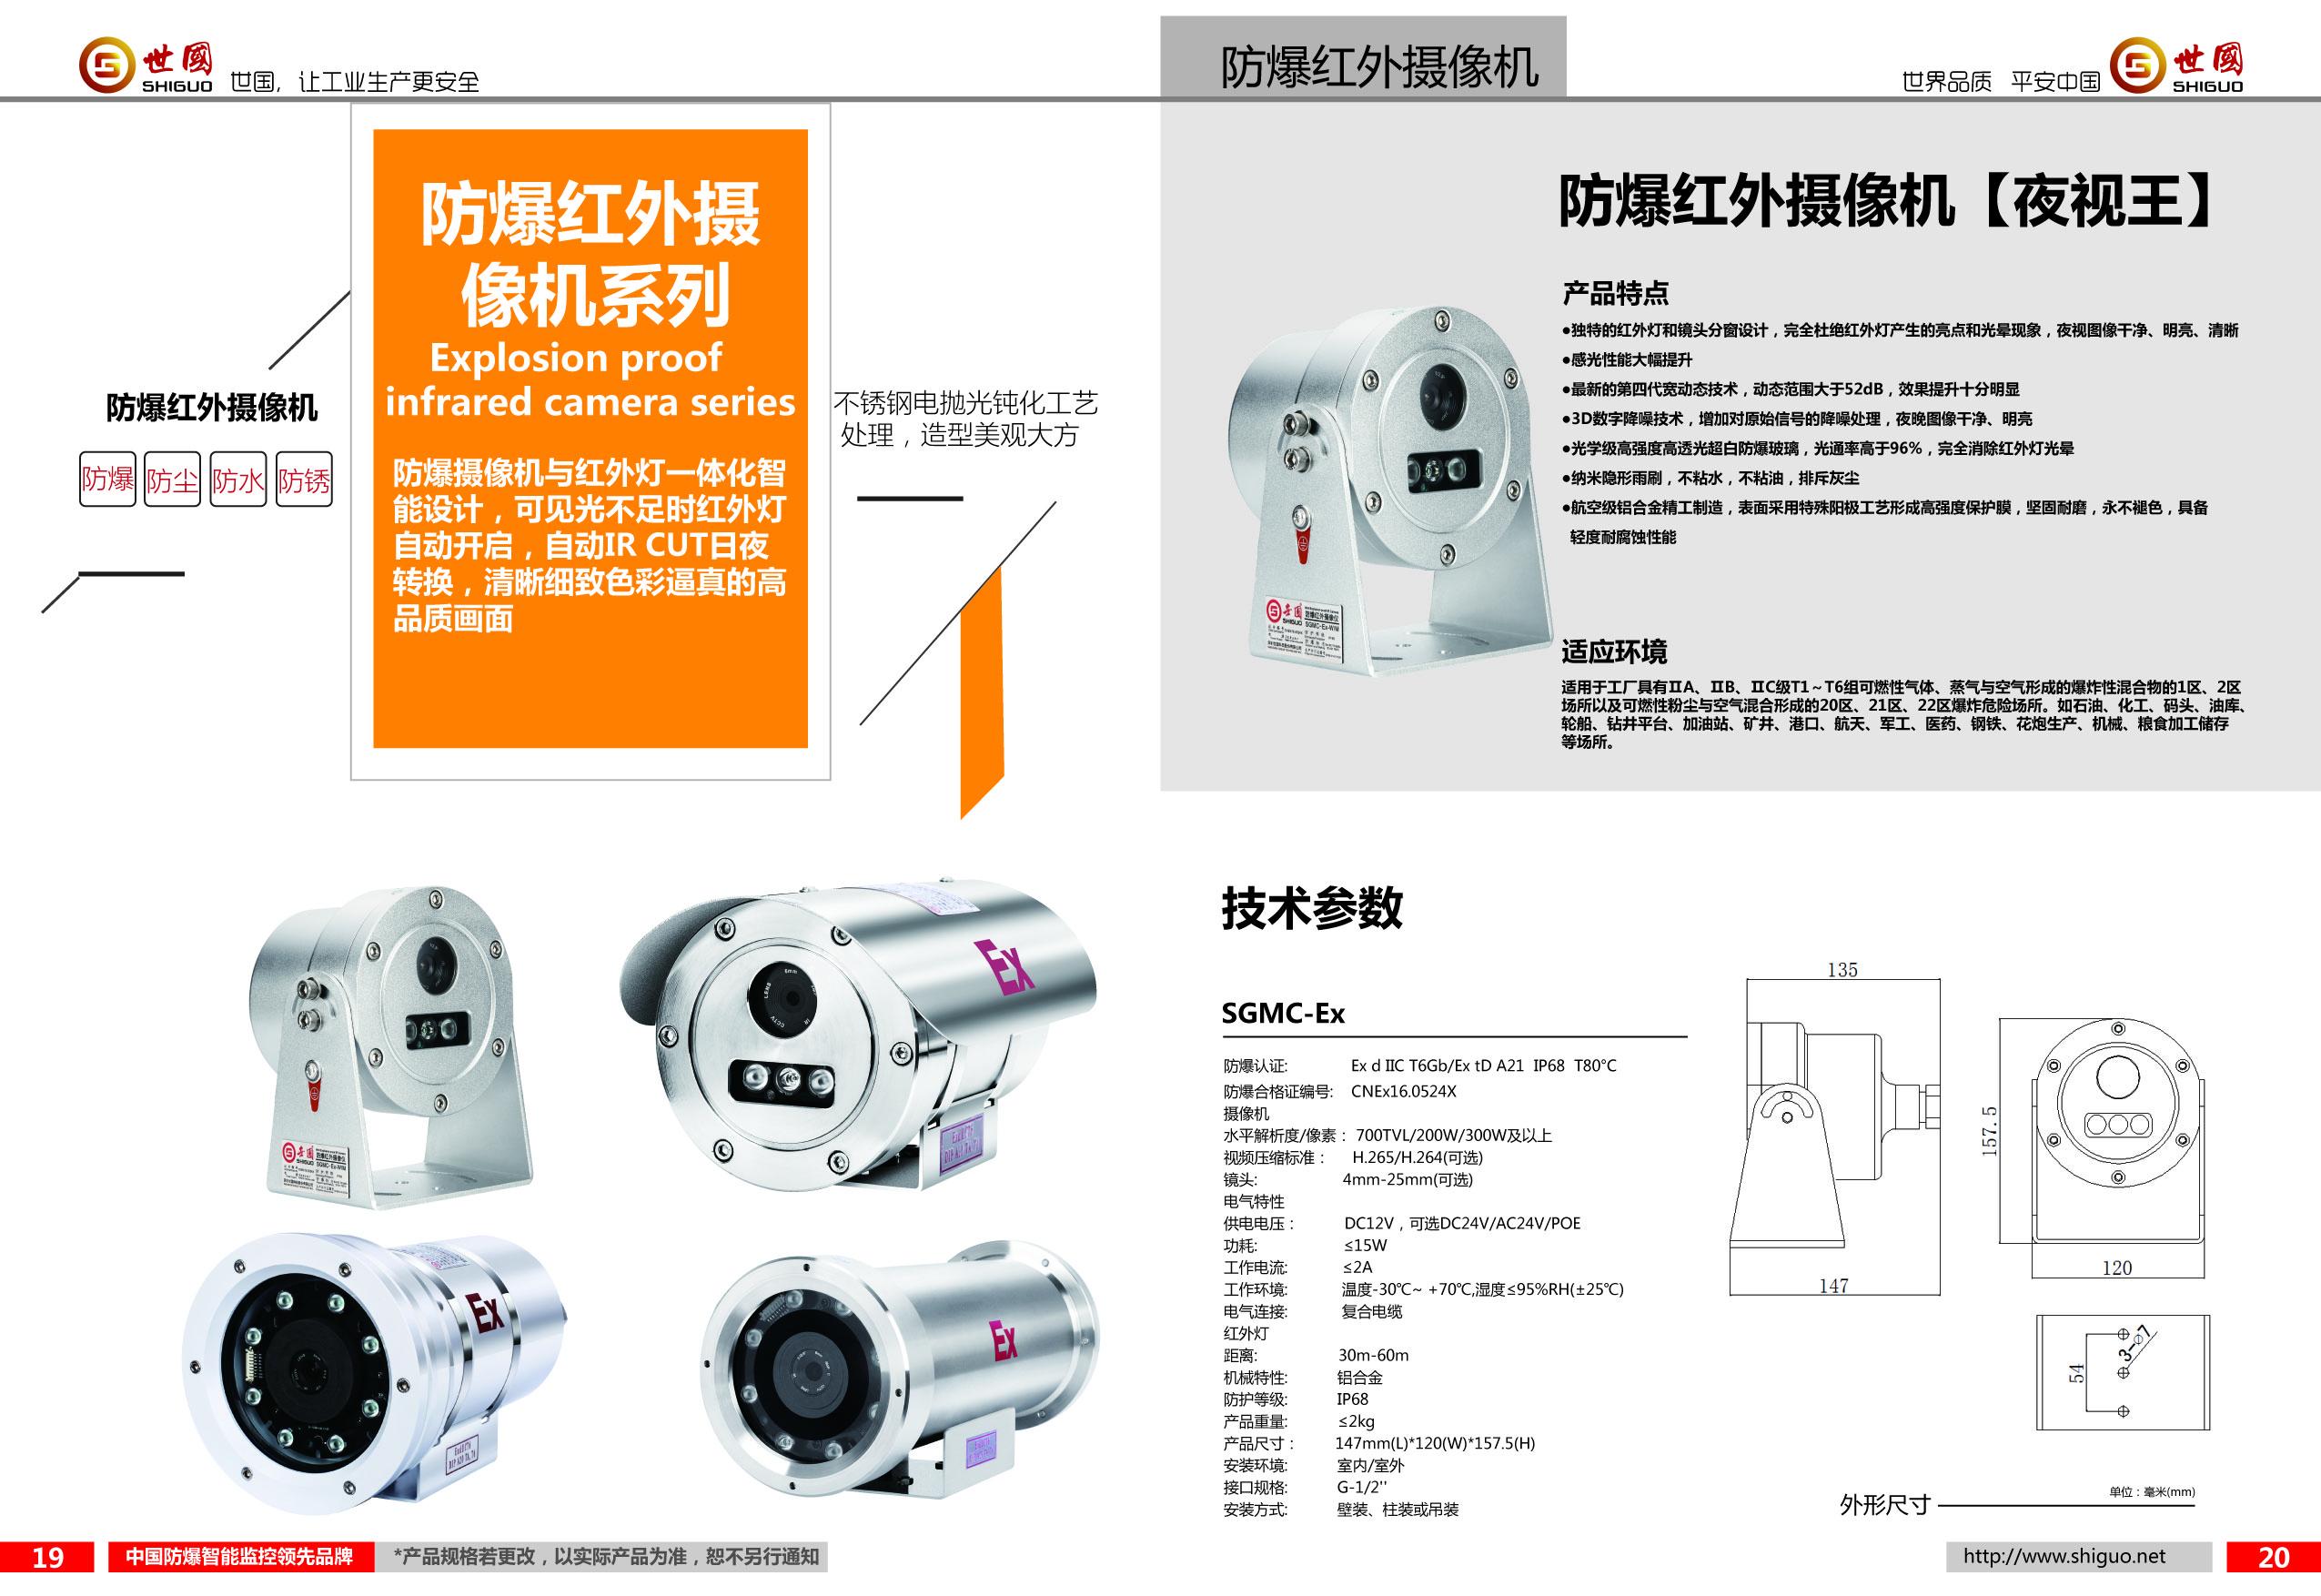 防爆红外摄像机